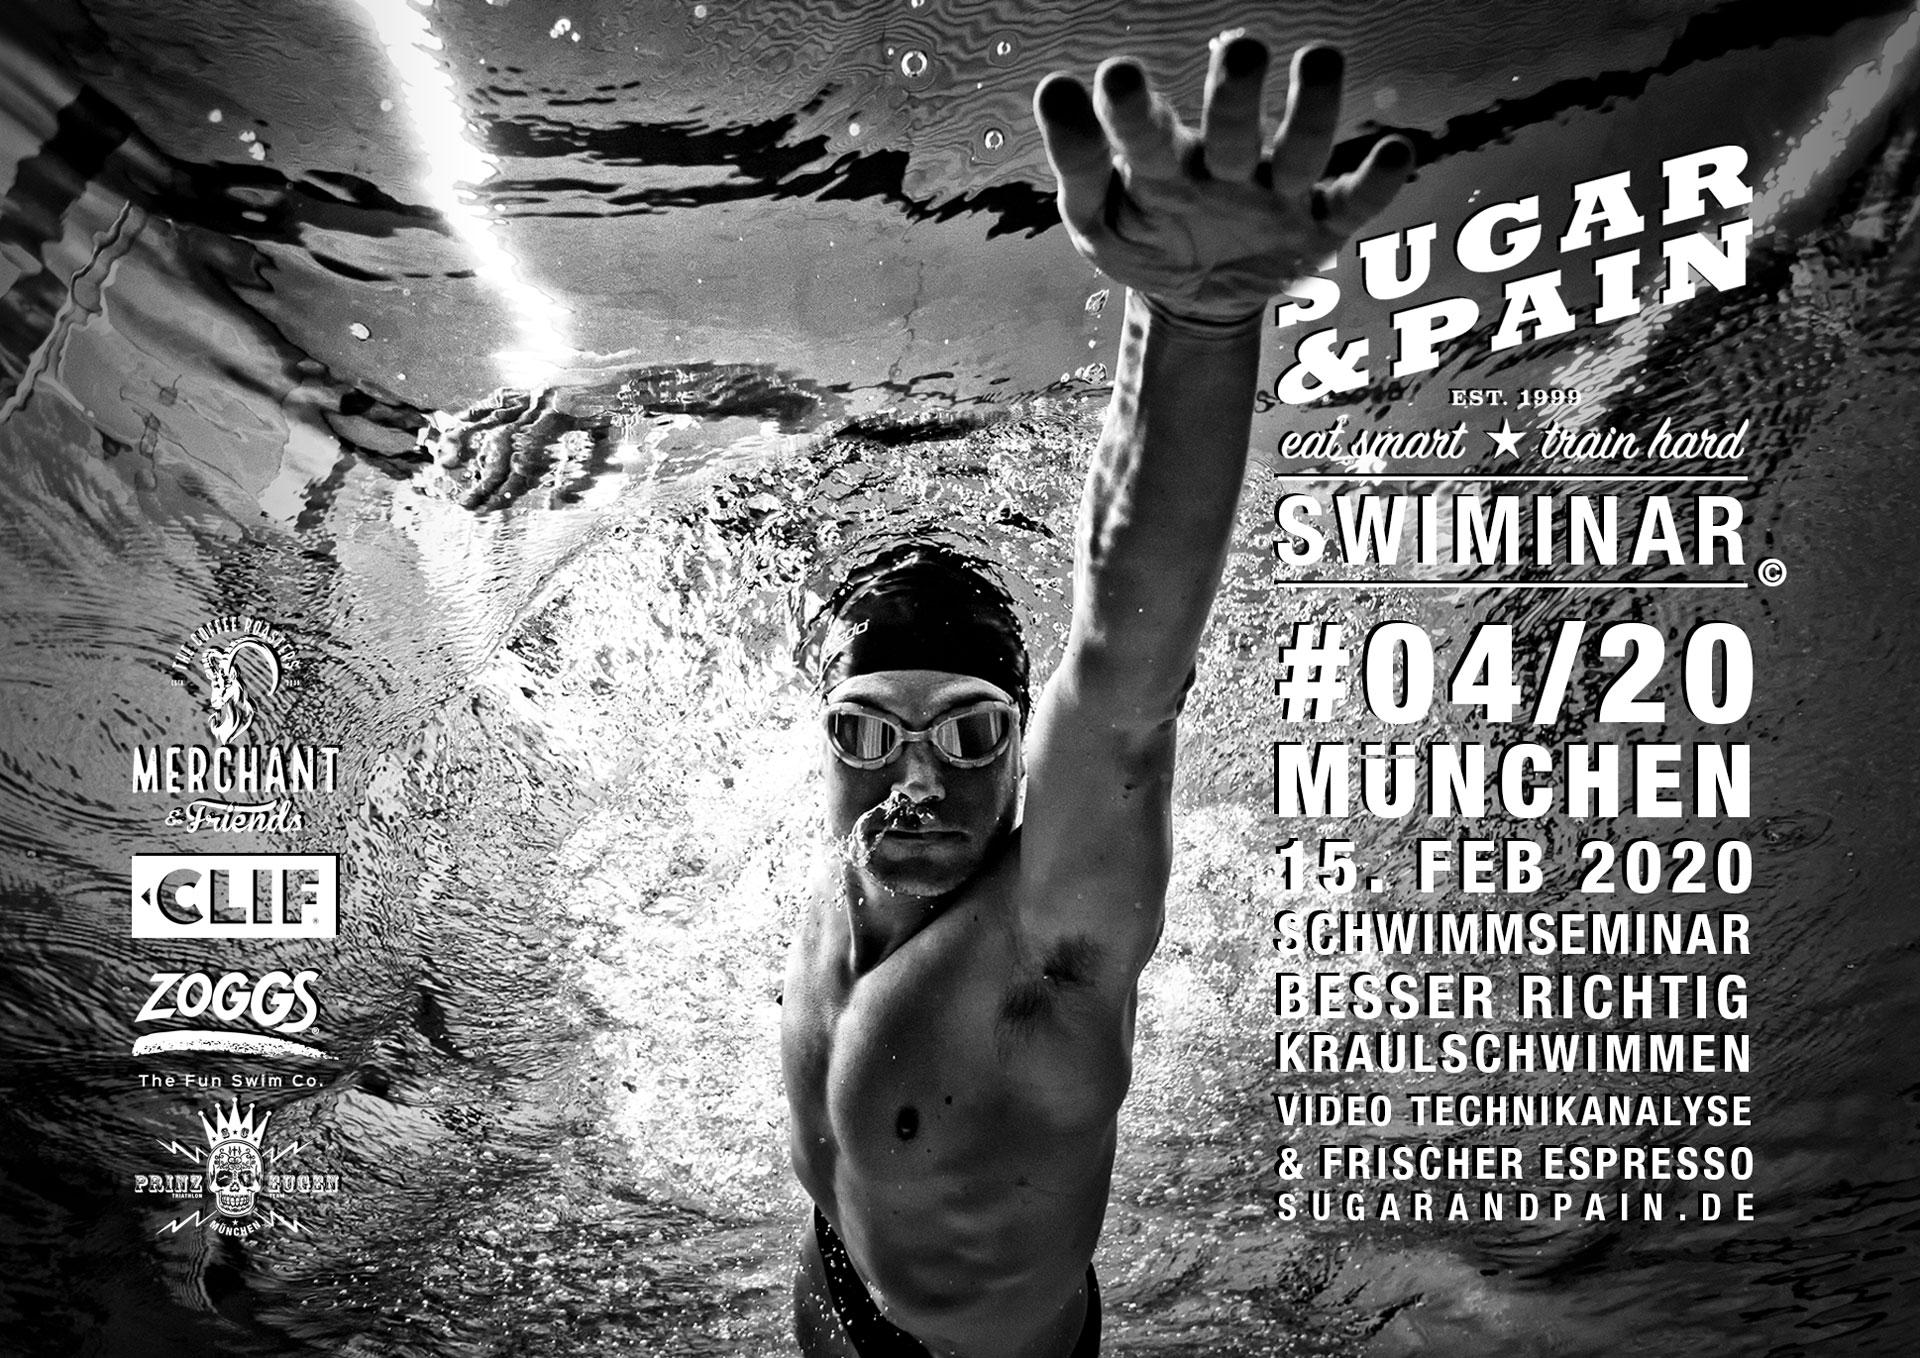 SUGAR & PAIN SWIMINAR #04/20 Richtige Kraultechnik – Das Schwimmseminar mit Videoanalyse / Titel © Stefan Drexl